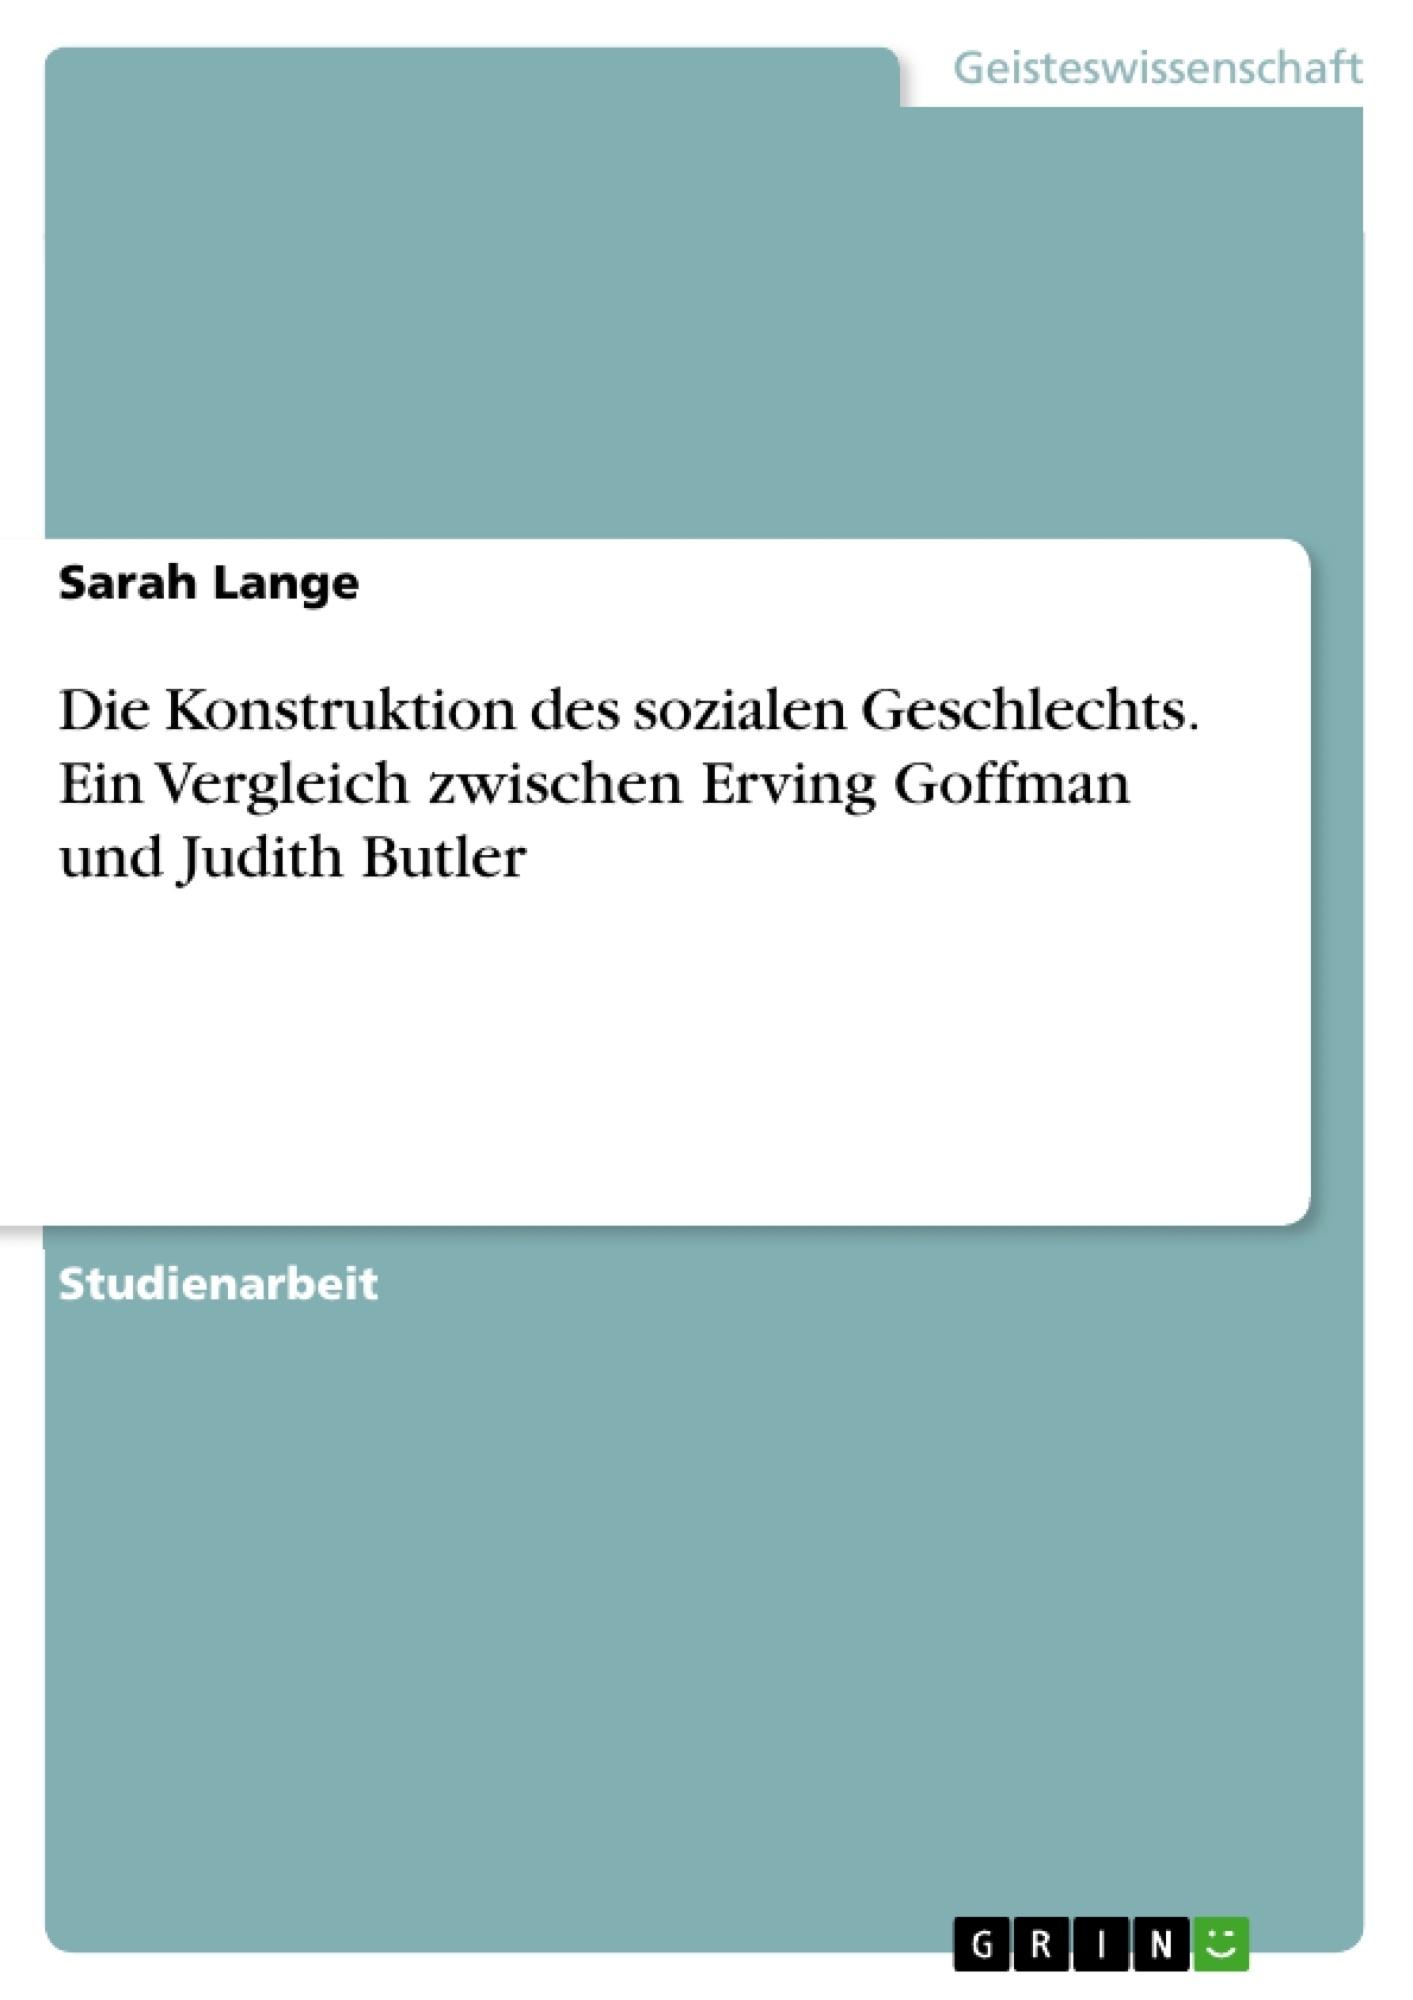 Titel: Die Konstruktion des sozialen Geschlechts. Ein Vergleich zwischen Erving Goffman und Judith Butler